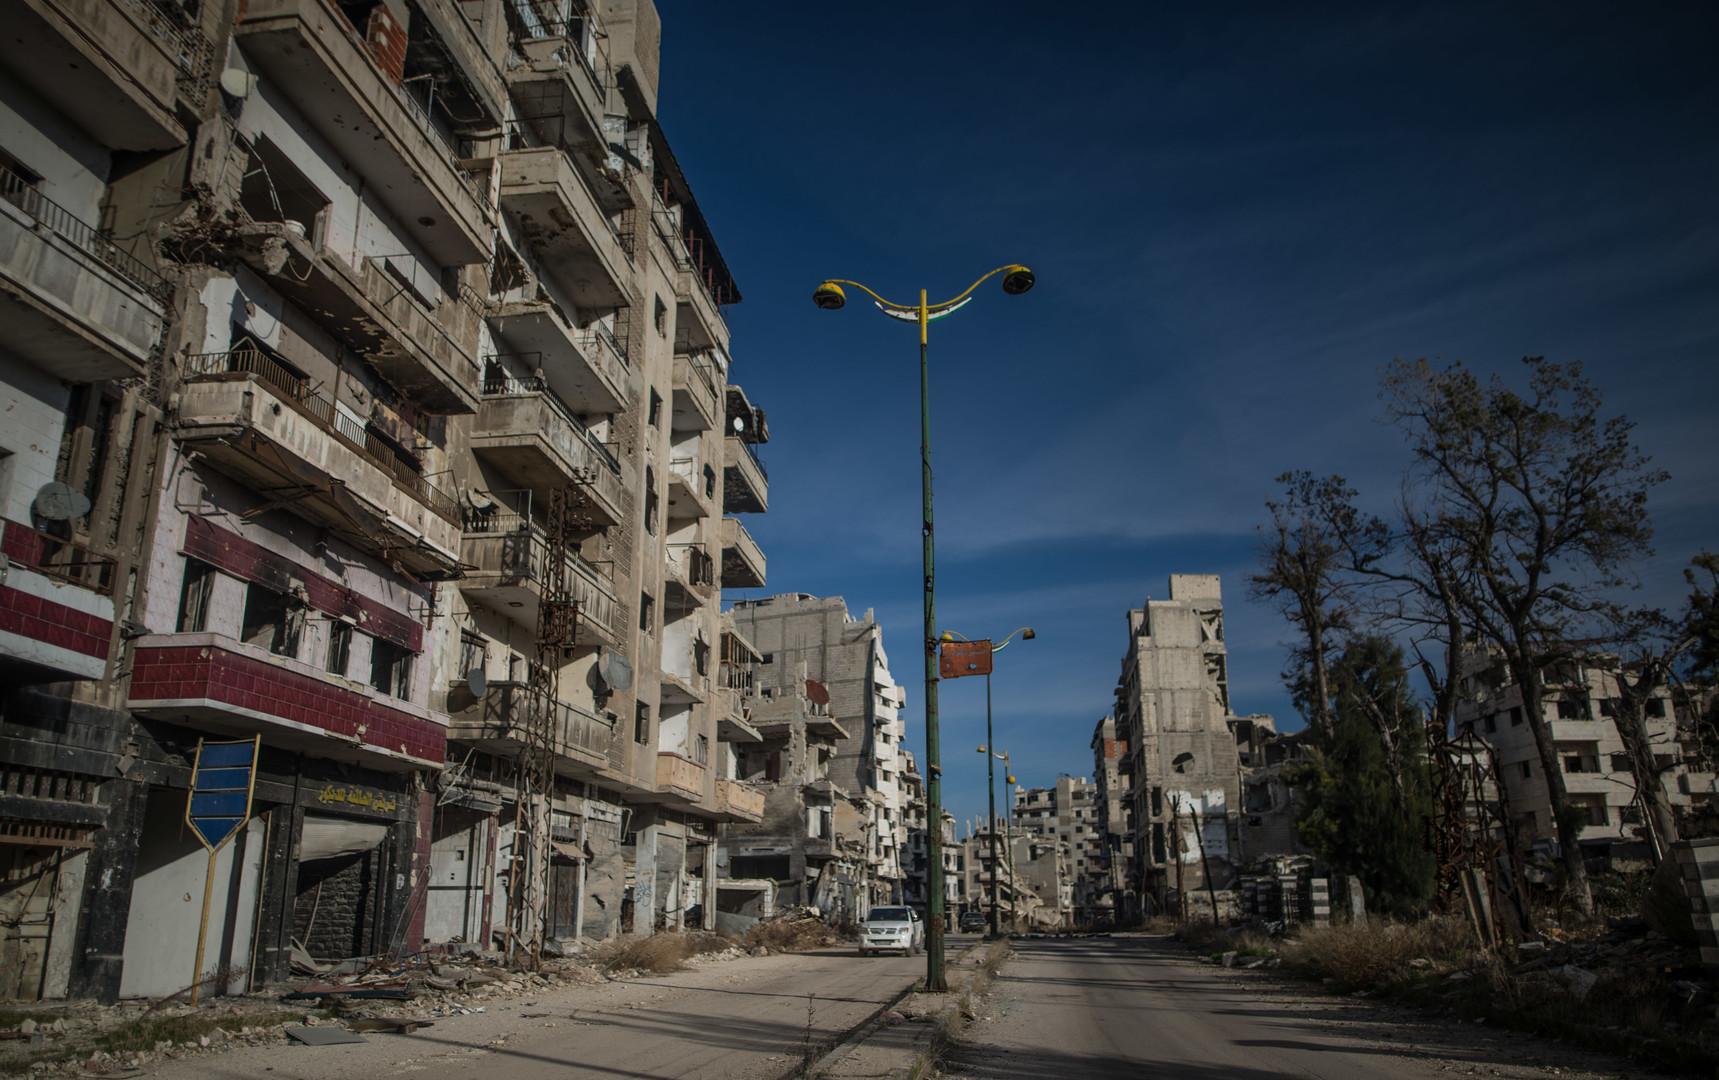 «200 milliards de dollars de dommages en Syrie» : l'interview de Bachar el-Assad décortiquée